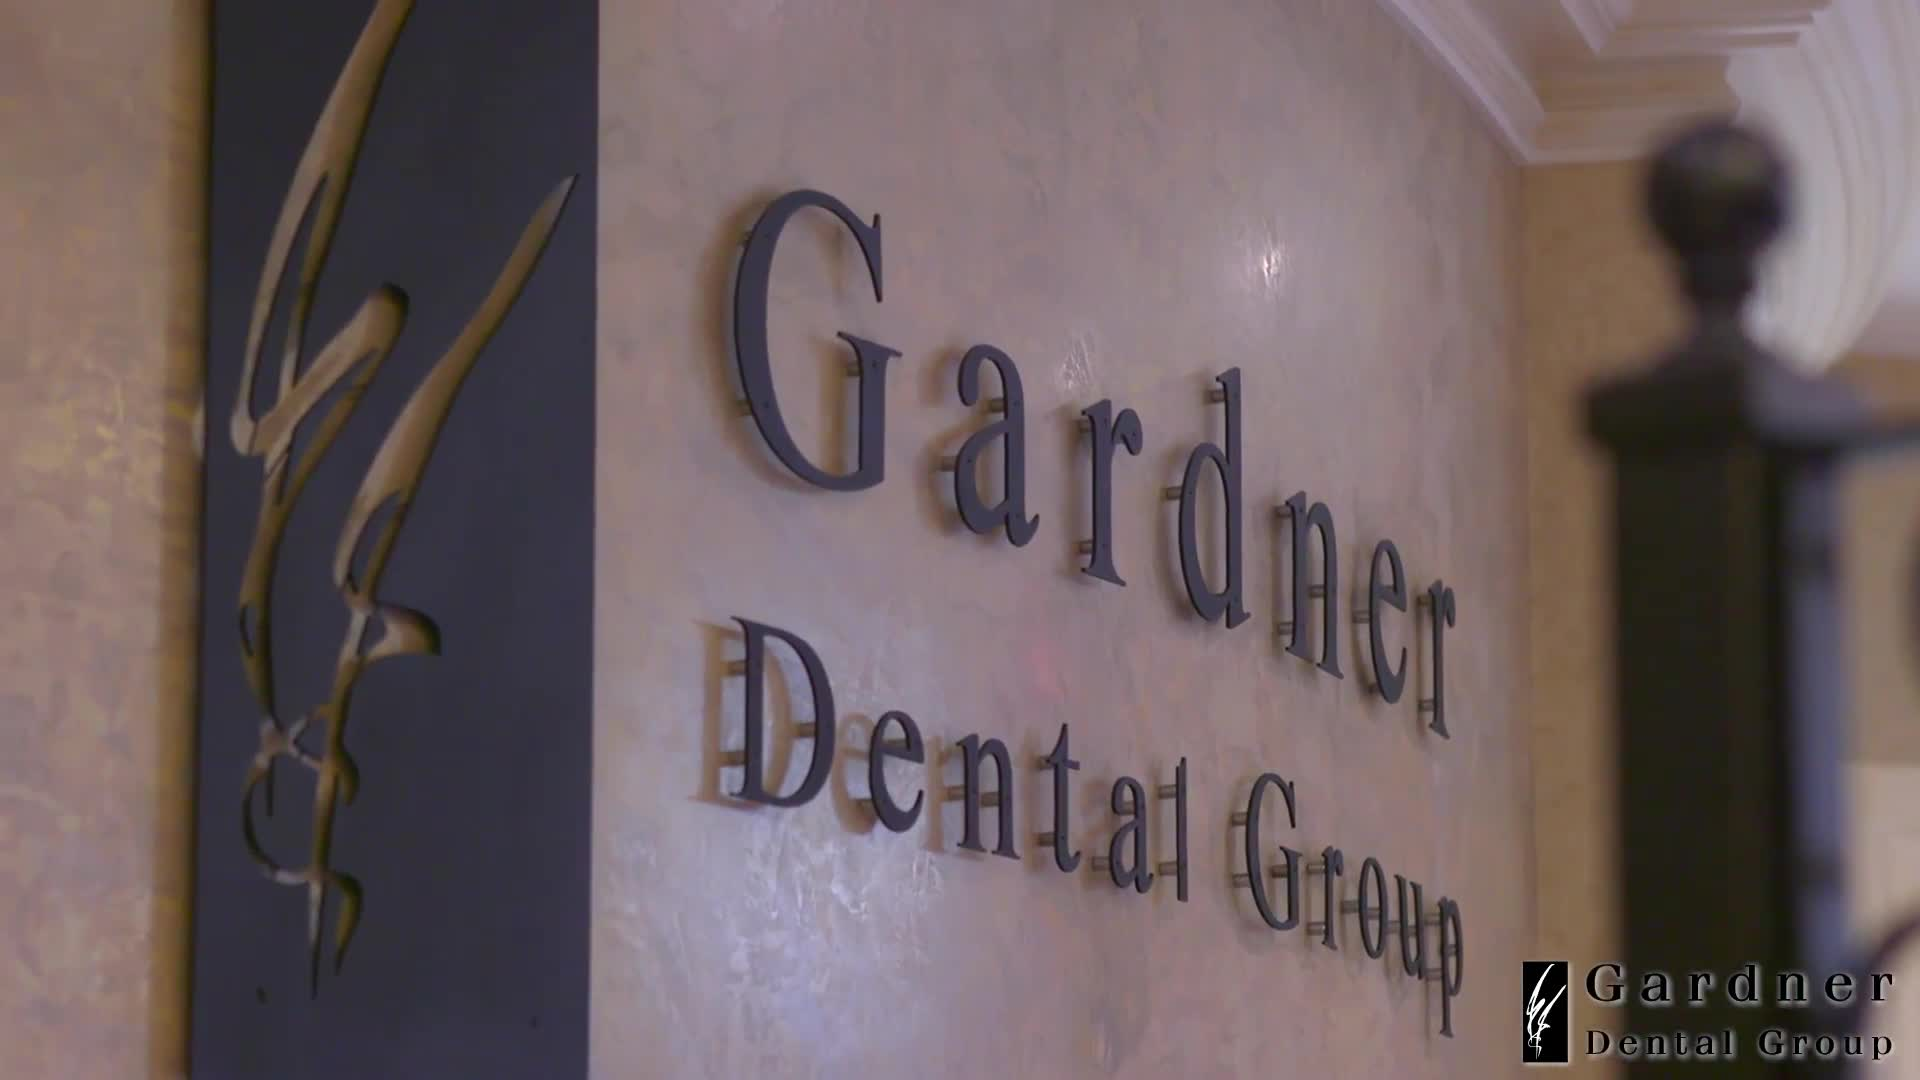 Gardner Dental Group - Dentists - 9056323633